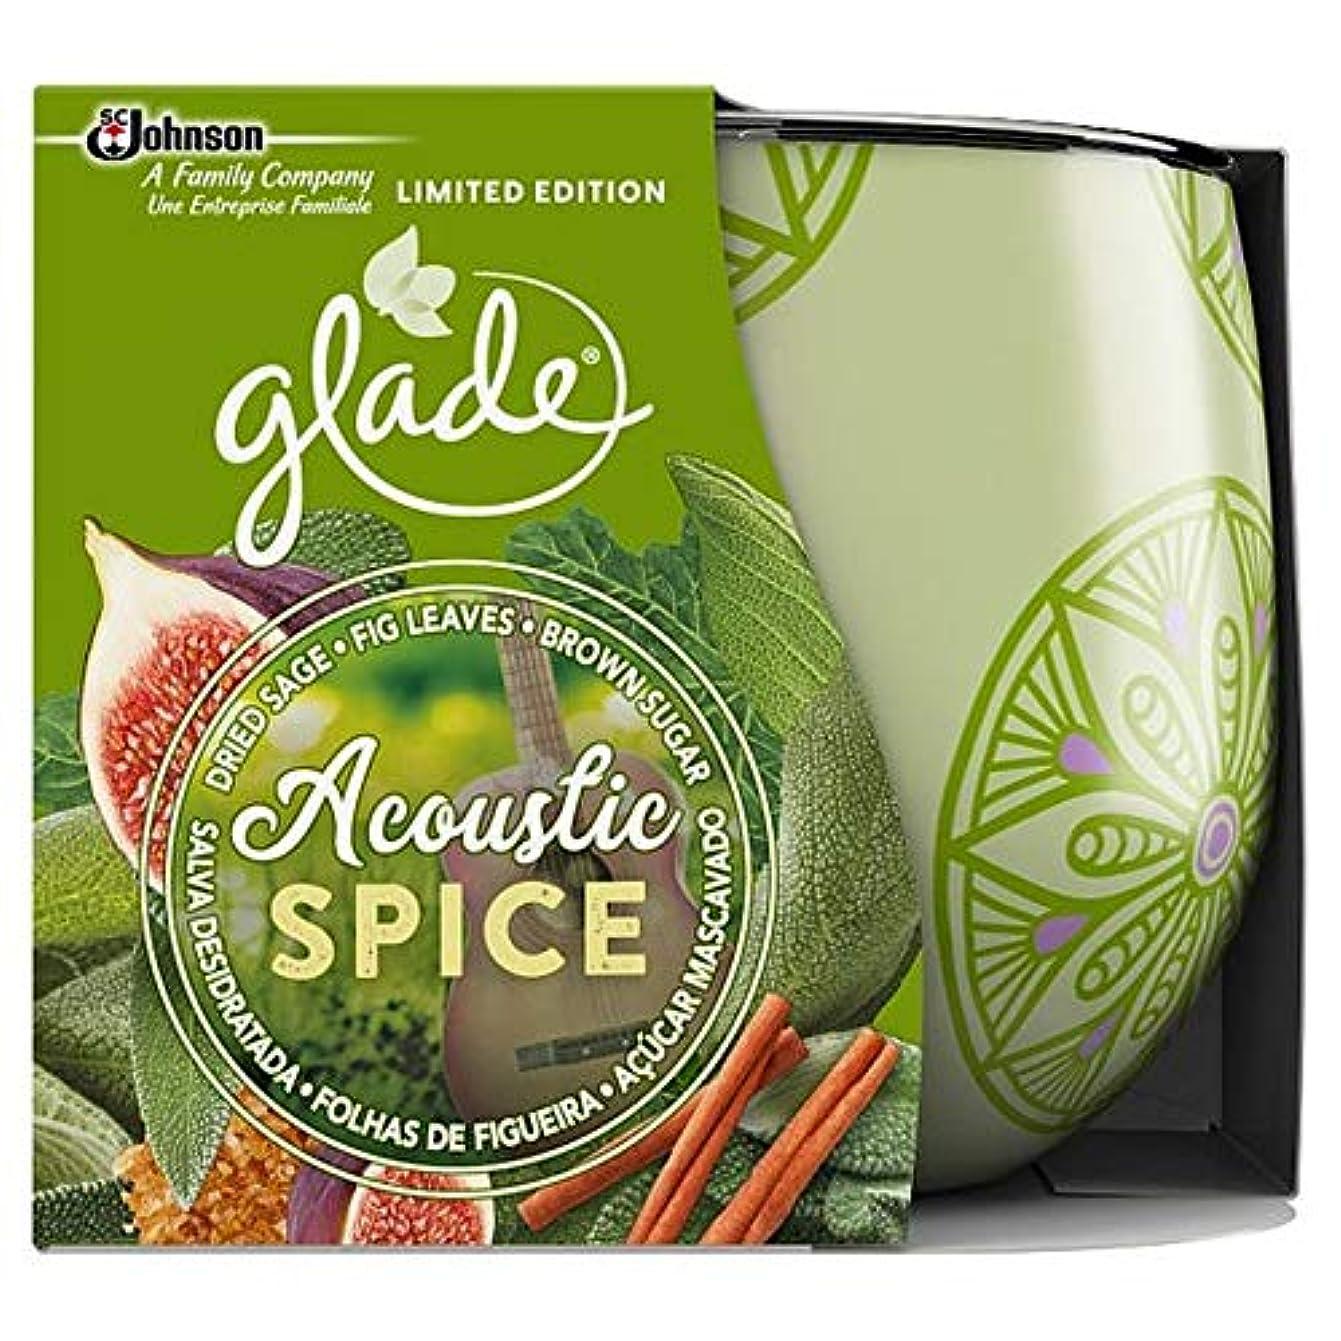 国際ステップオーバーヘッド[Glade ] 音響スパイスキャンドル120グラムを空き地 - Glade Acoustic Spice Candle 120G [並行輸入品]